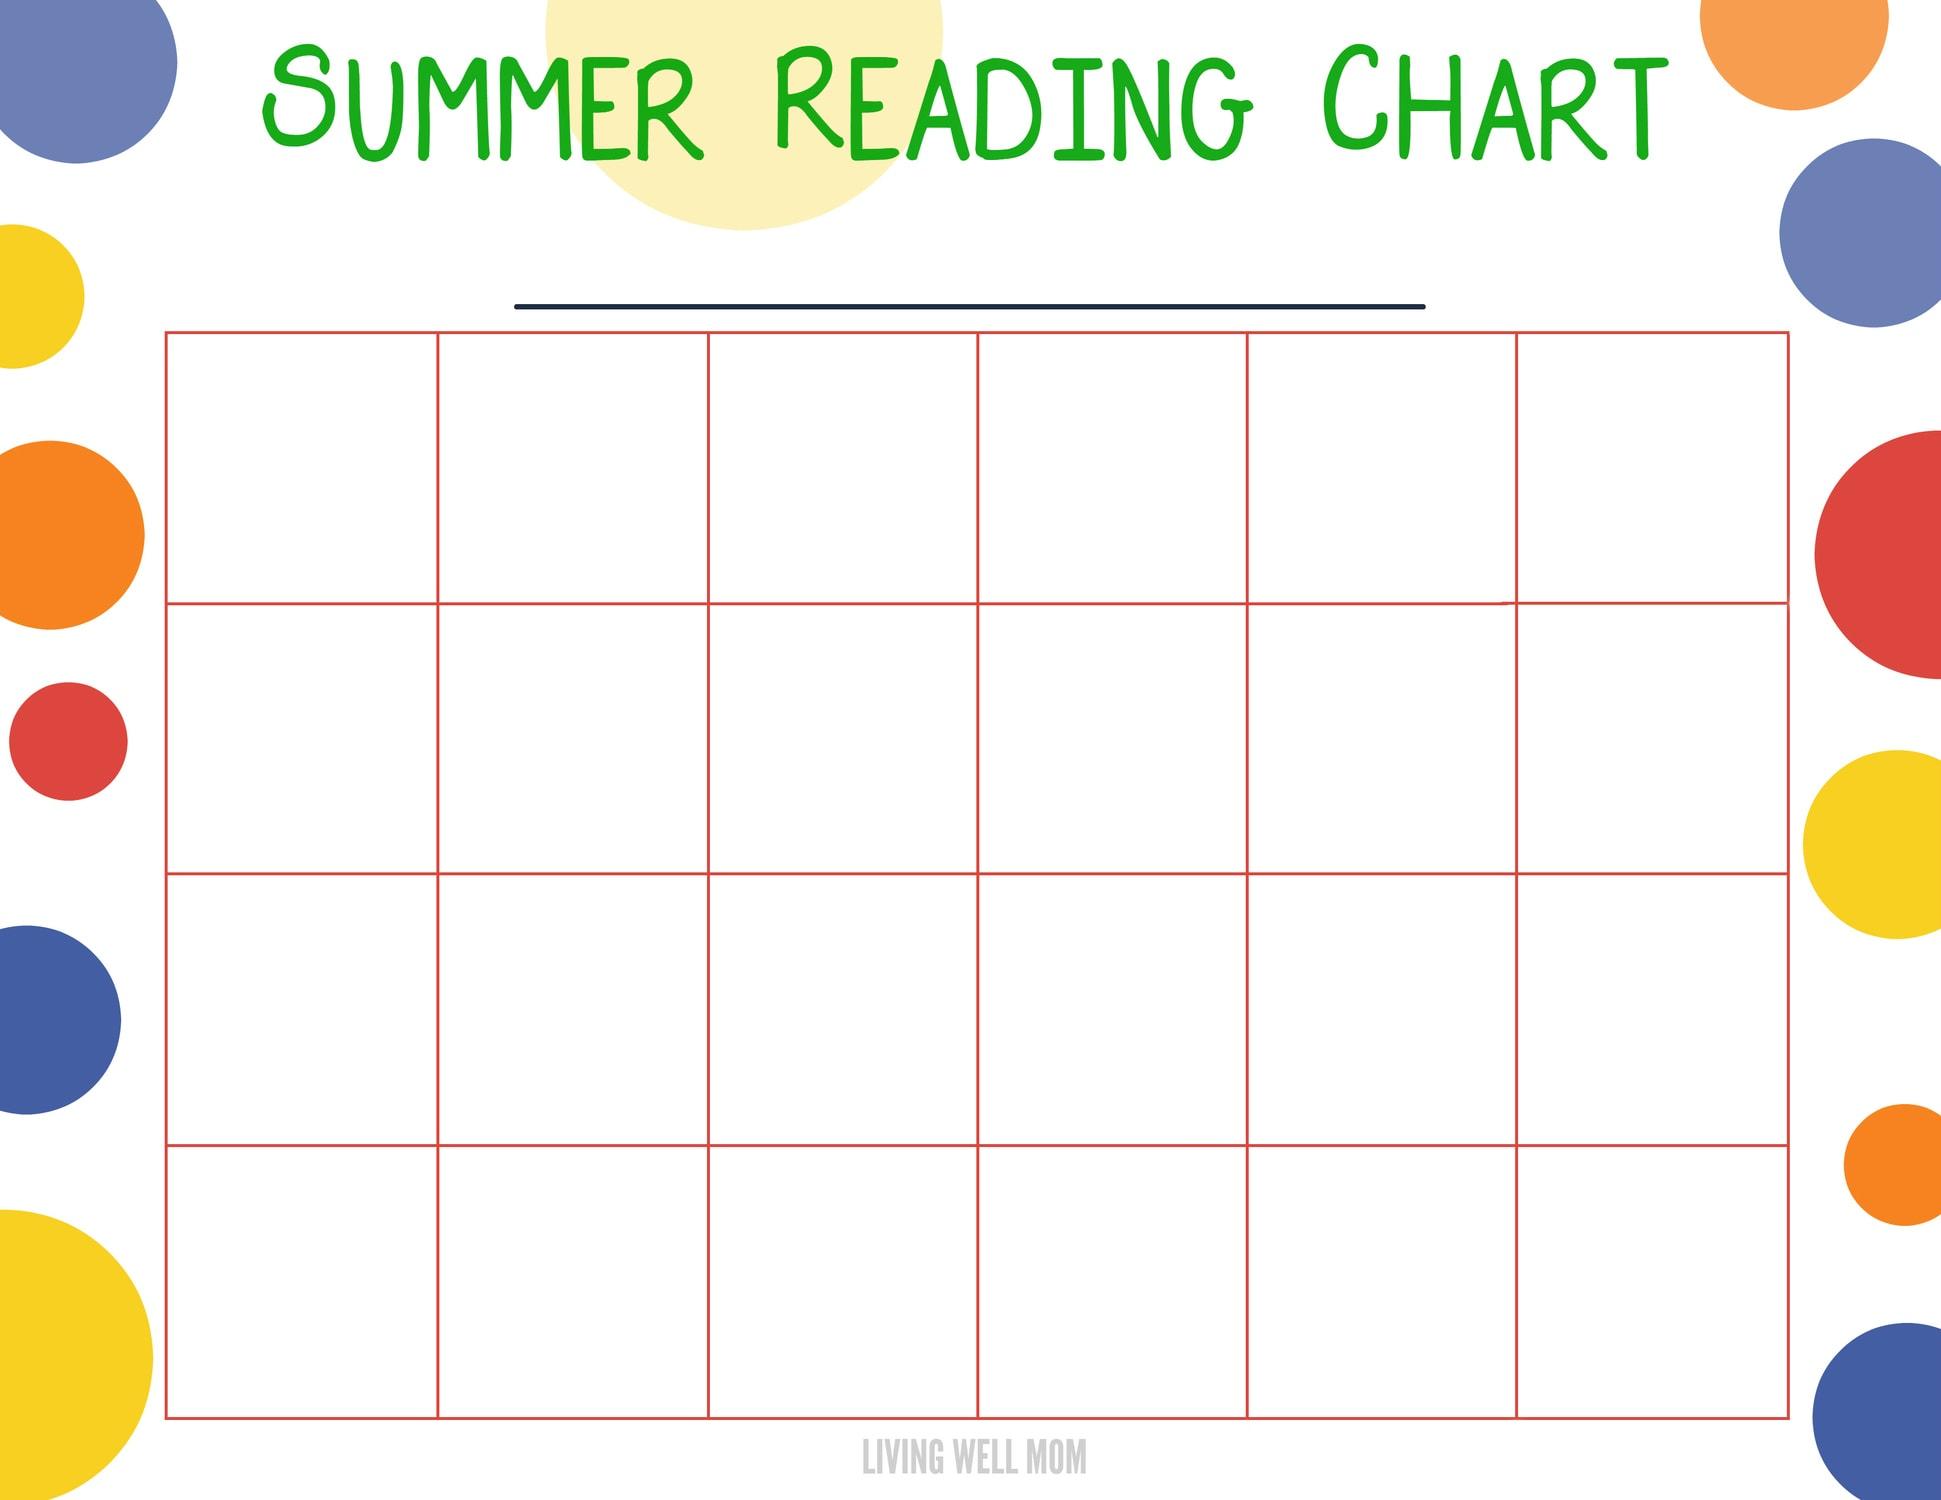 Summer Reading Program For Kids